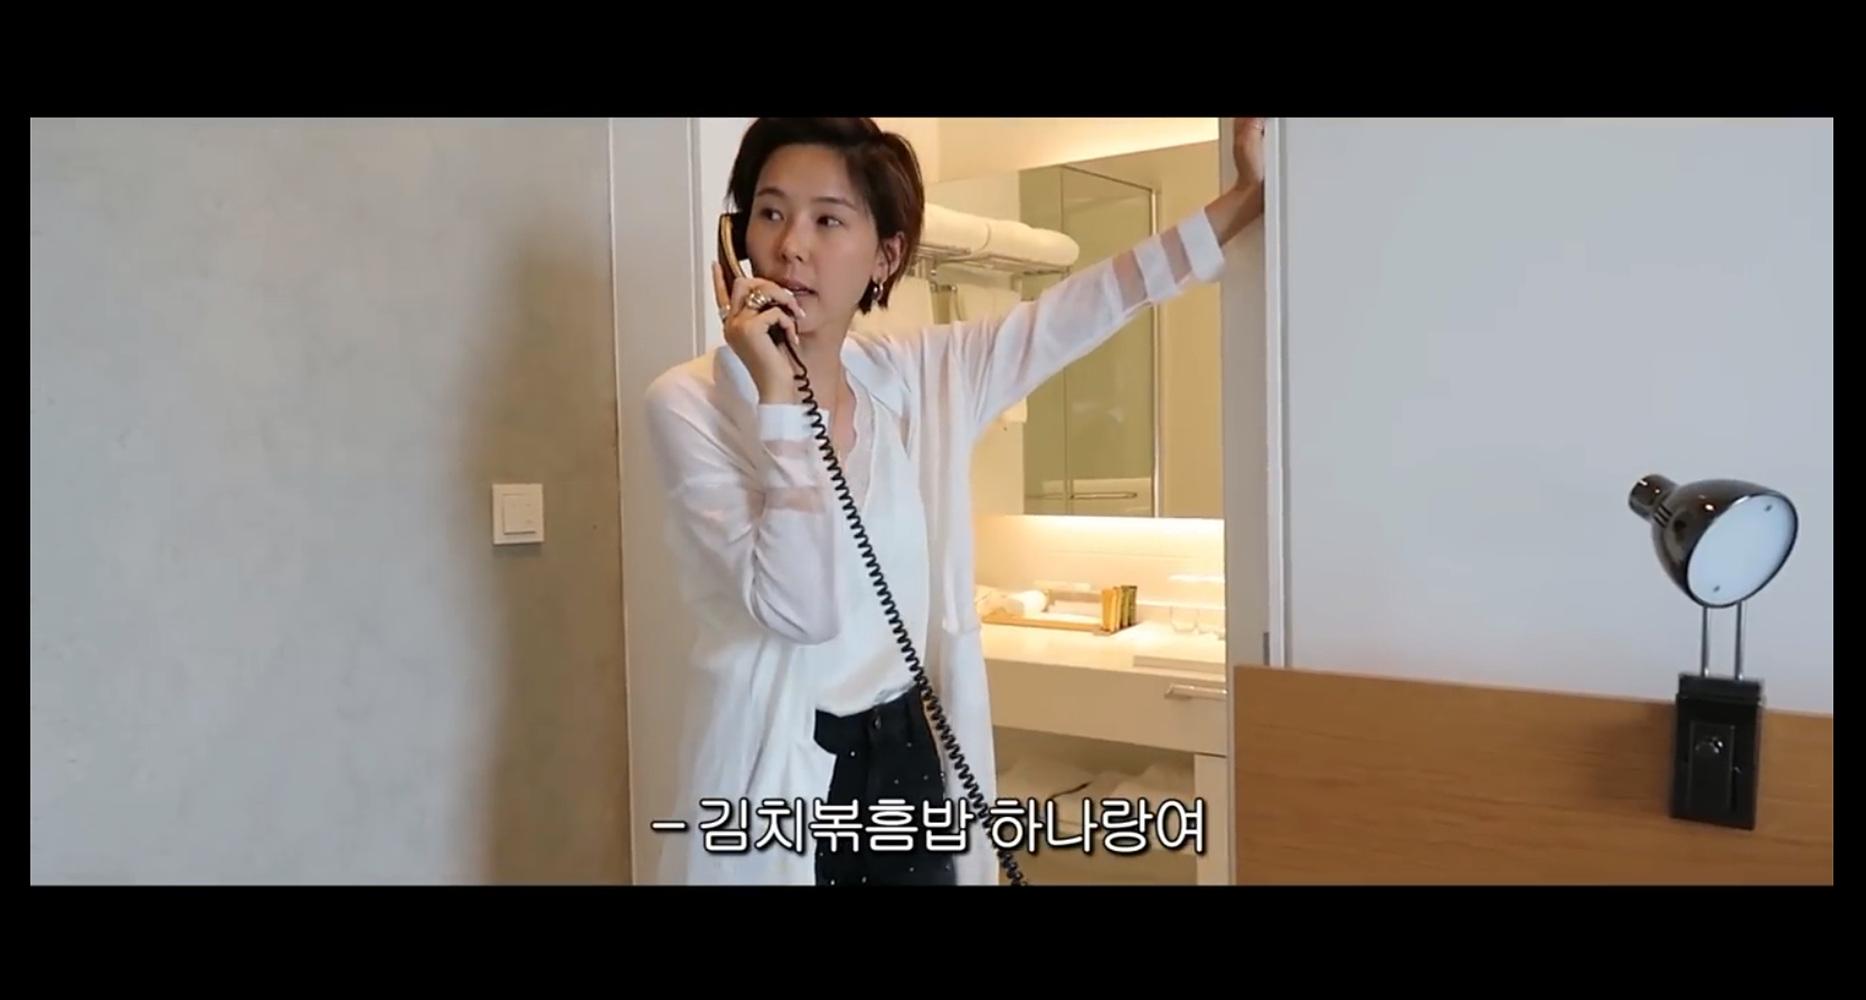 김나영 유튜브에서 리조트룩 완전 센스굿..bb